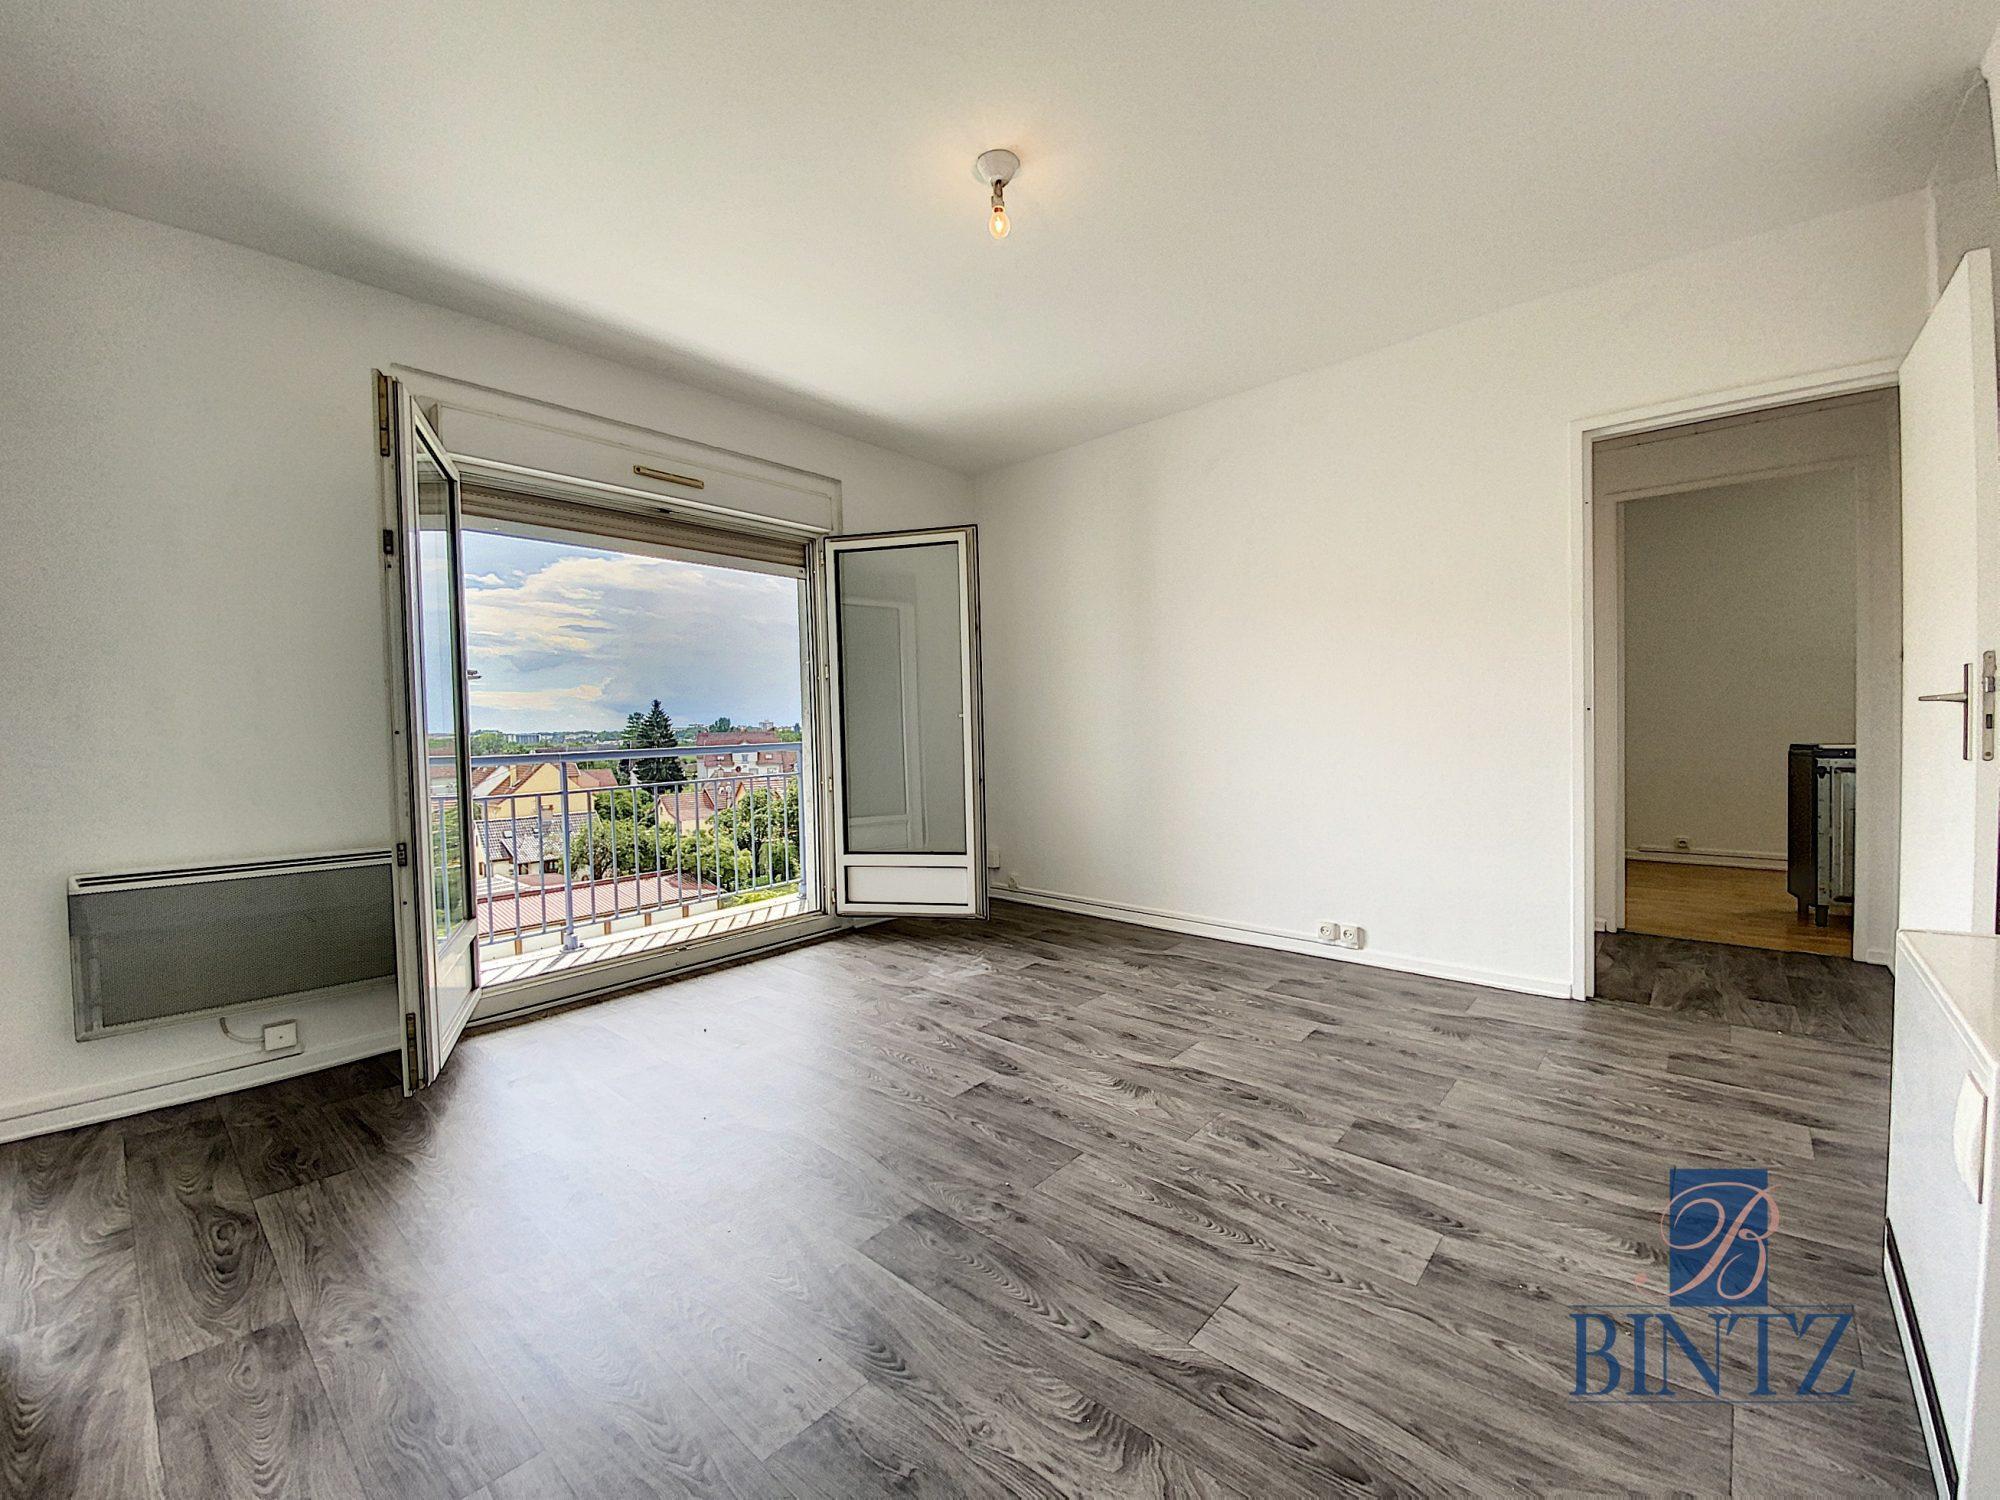 4P MUSAU 4 RIMBACH - Devenez locataire en toute sérénité - Bintz Immobilier - 3